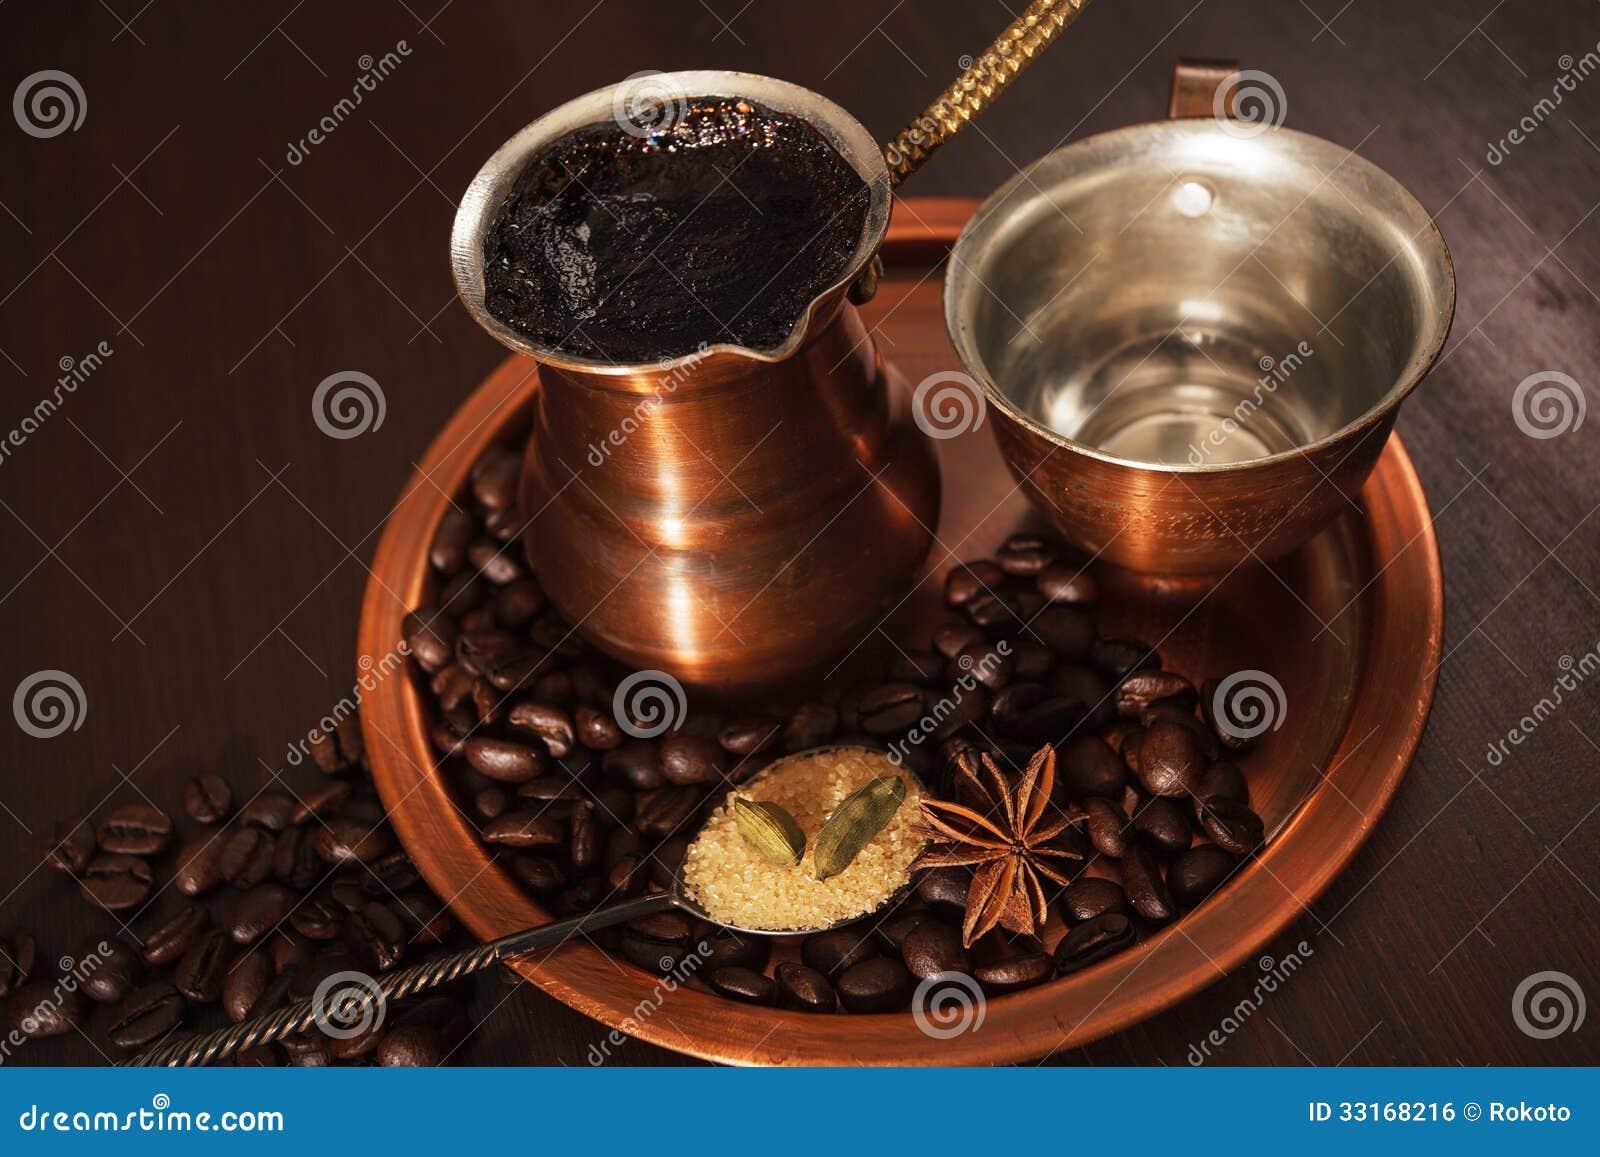 l 39 ensemble d 39 en cuivre pour faire le caf turc avec du caf d 39 pices est pr t tre servi photo. Black Bedroom Furniture Sets. Home Design Ideas